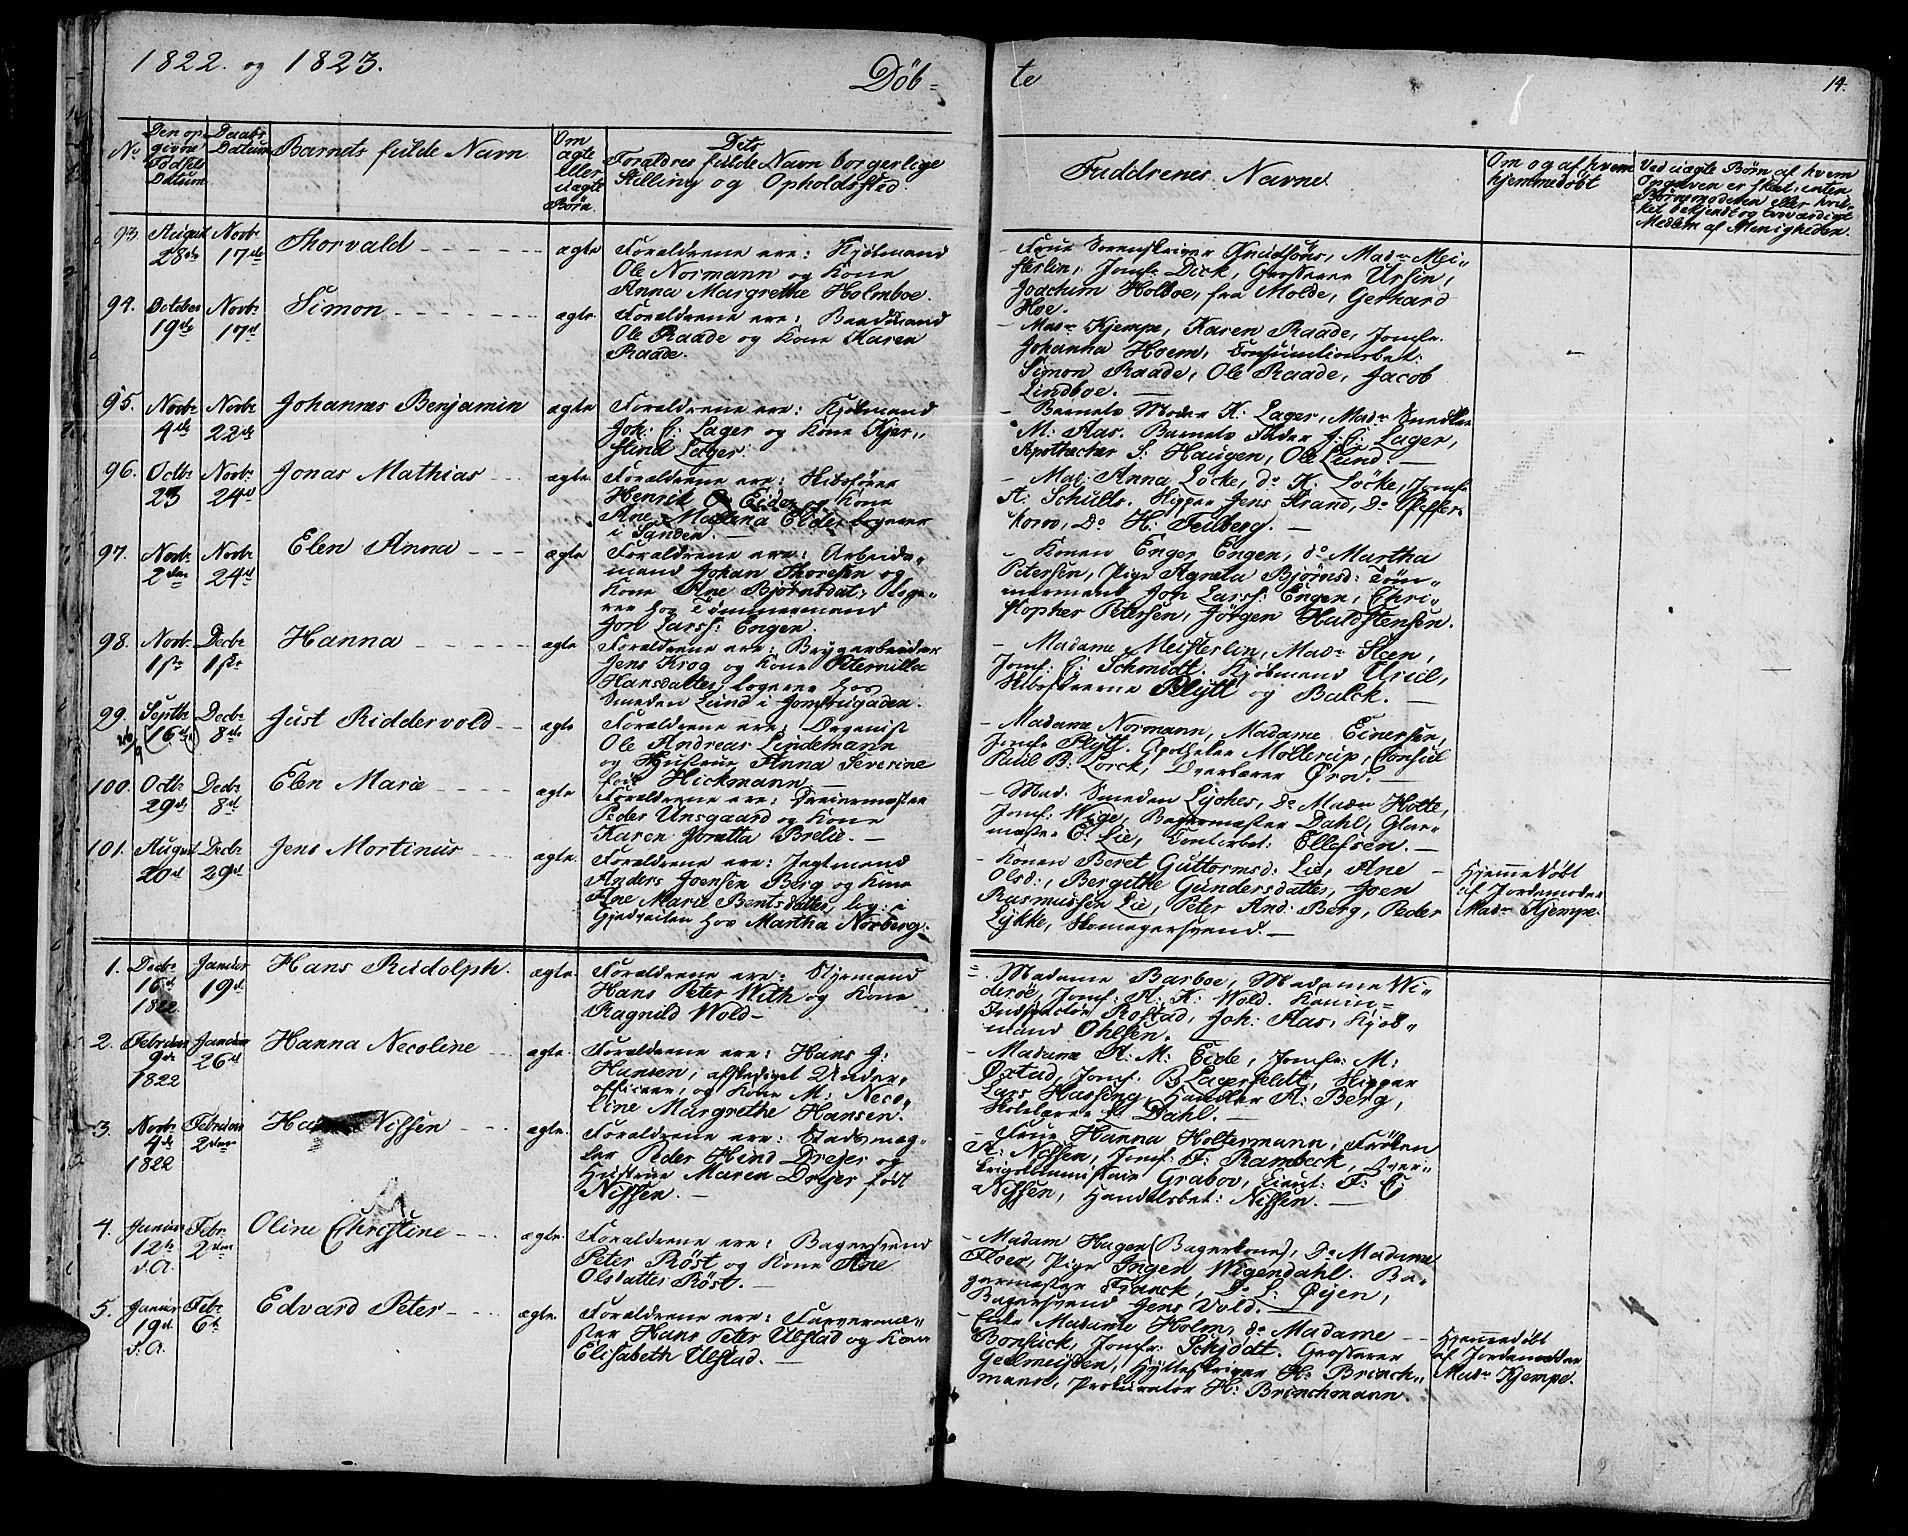 SAT, Ministerialprotokoller, klokkerbøker og fødselsregistre - Sør-Trøndelag, 602/L0108: Ministerialbok nr. 602A06, 1821-1839, s. 14